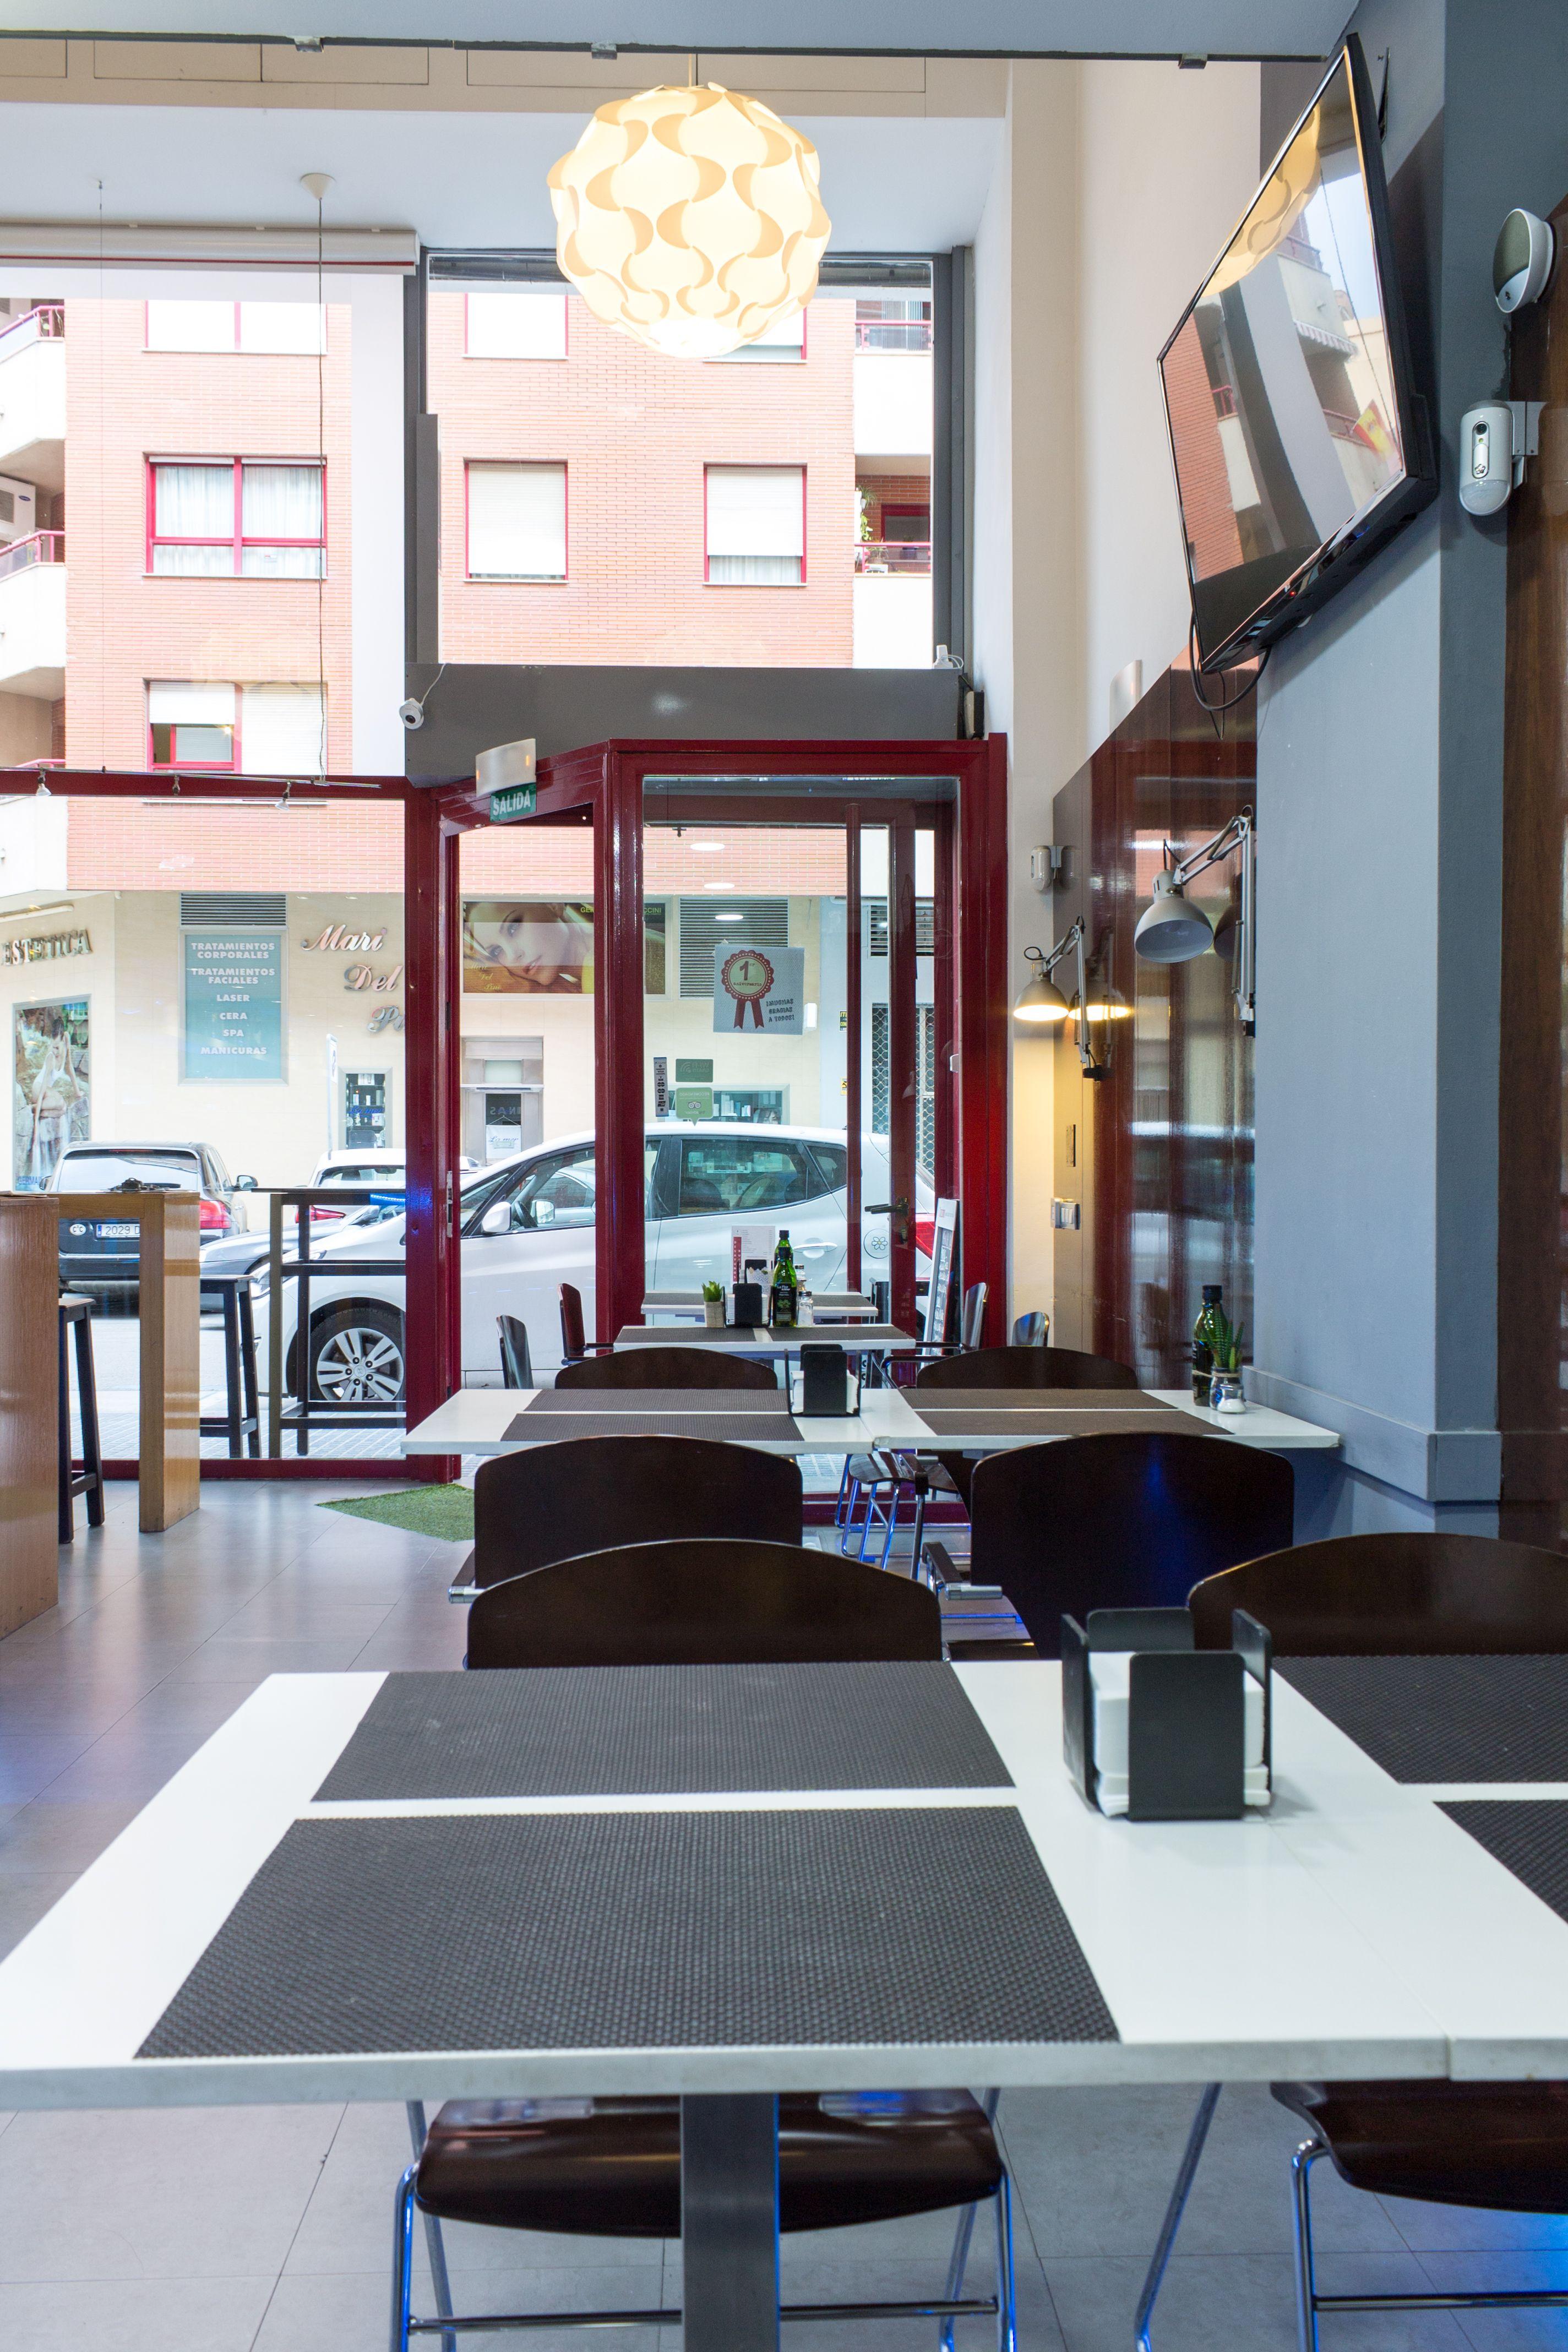 Gastrobar desayunos comidas y cenas en Málaga